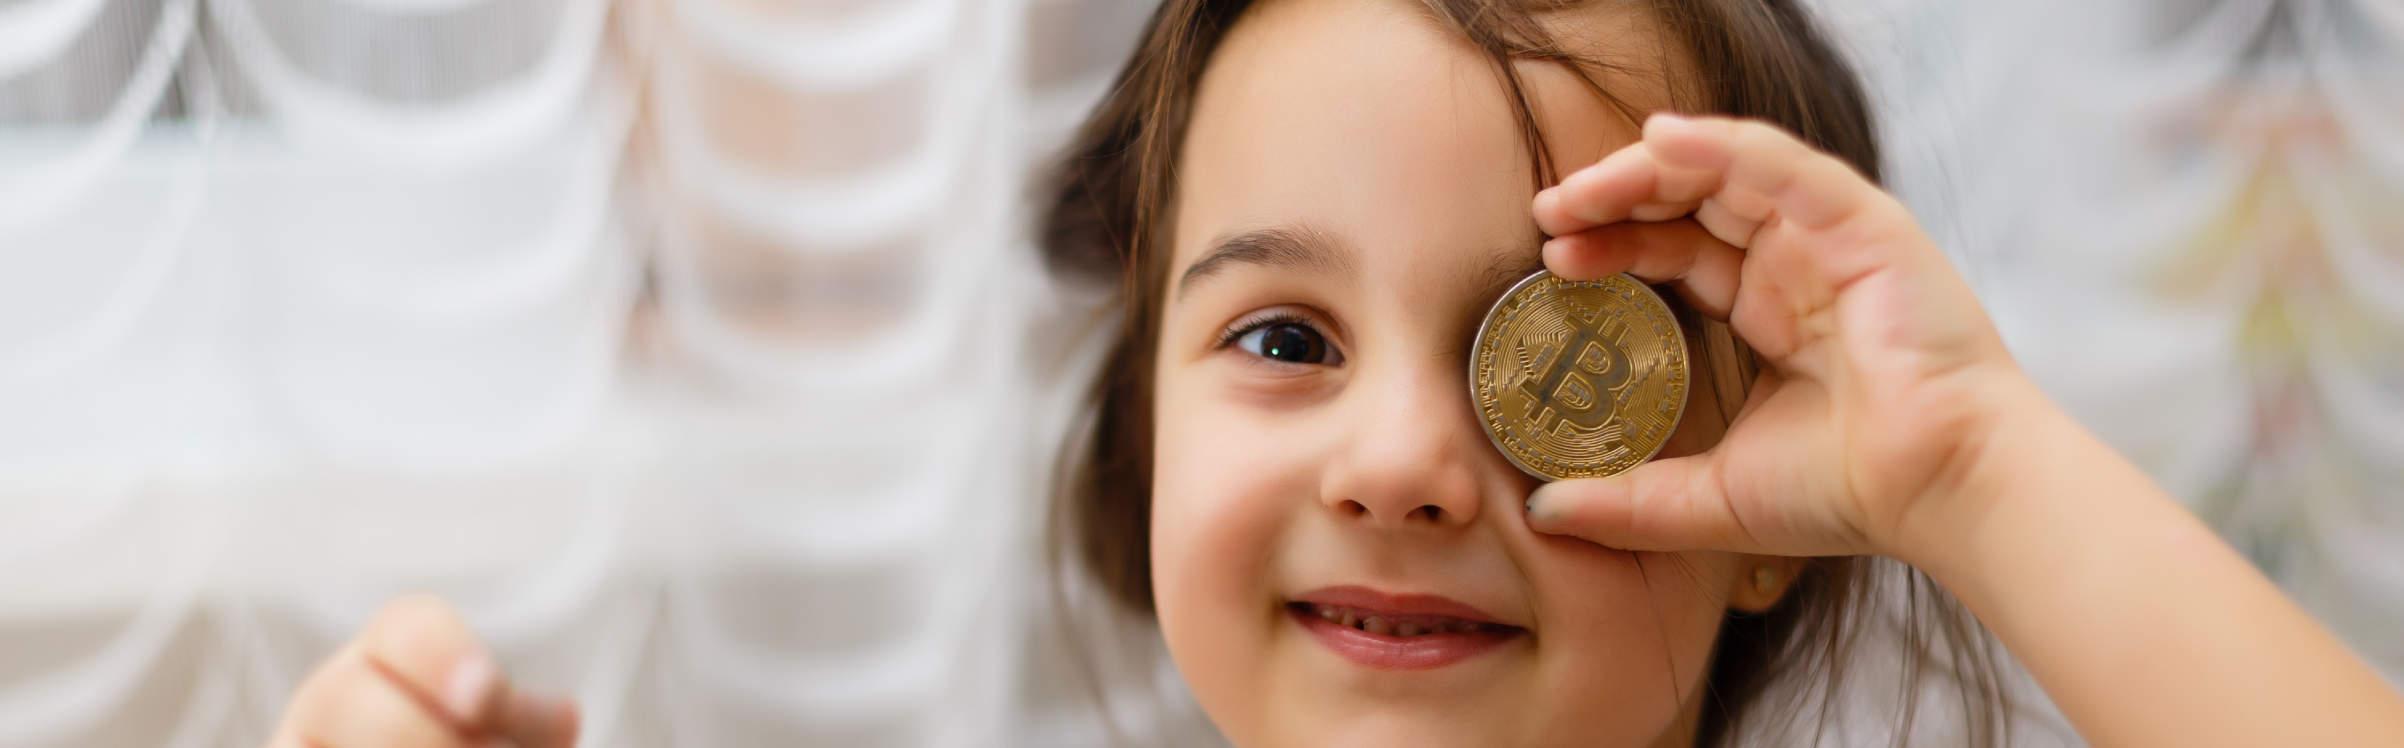 criança bitcoin